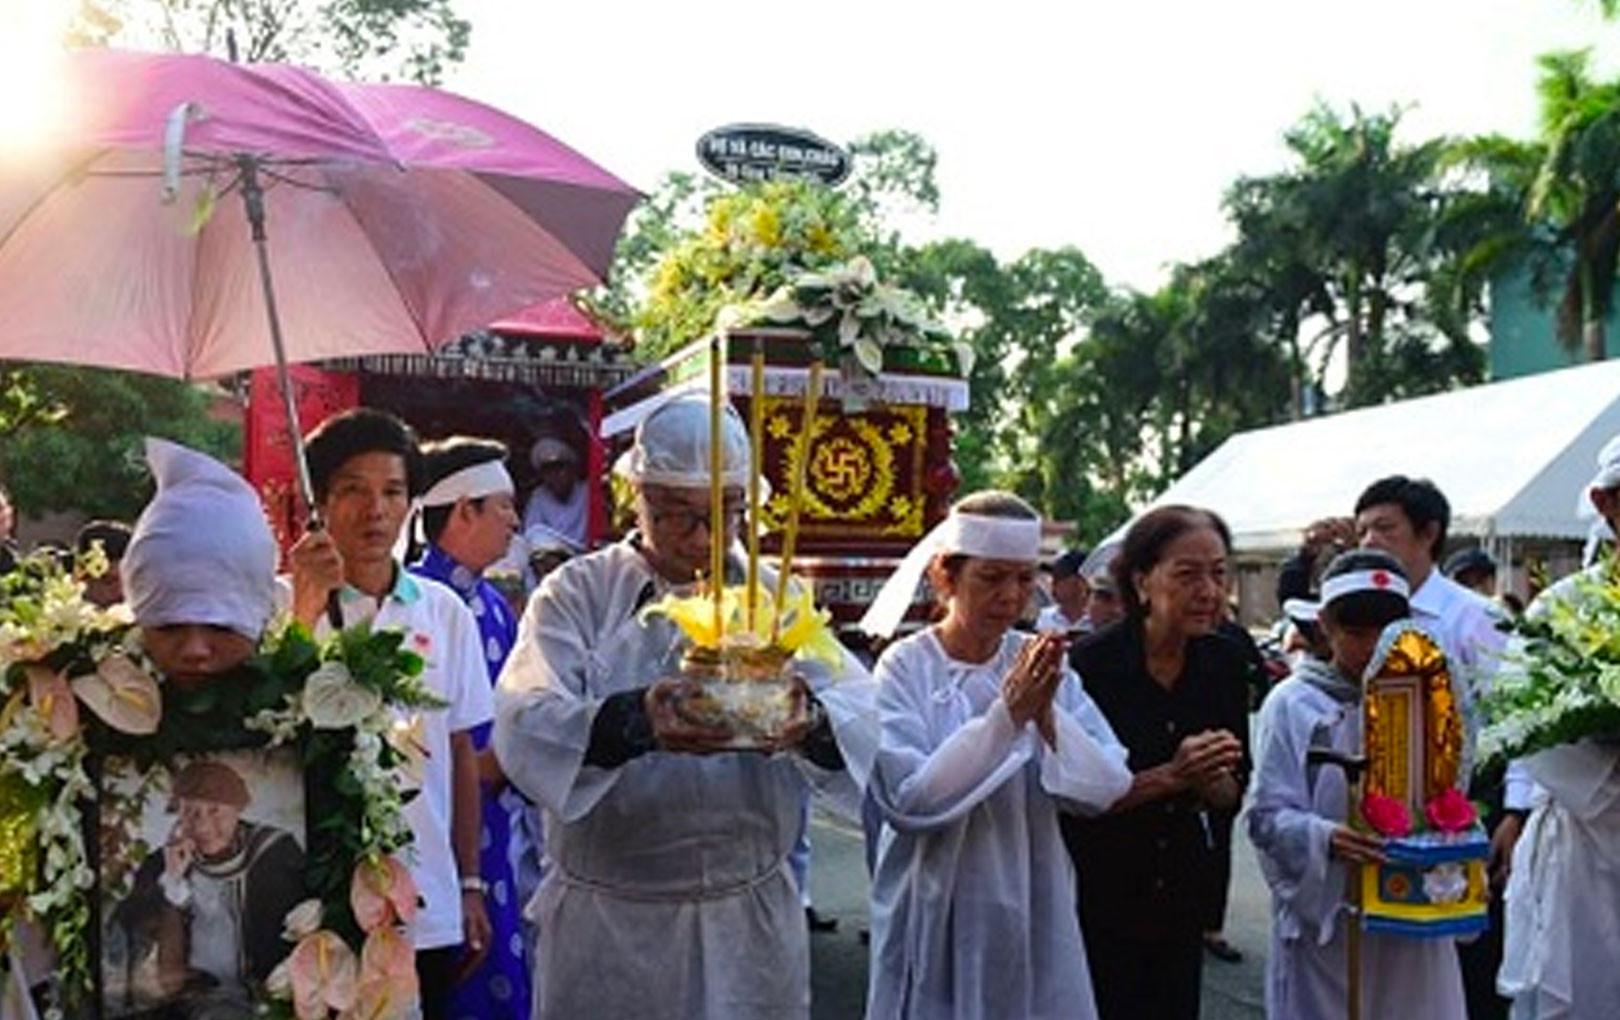 CẬP NHẬT: Linh cữu cố nghệ sĩ Lê Bình được đưa đi hỏa táng trong vô vàn tiếc thương